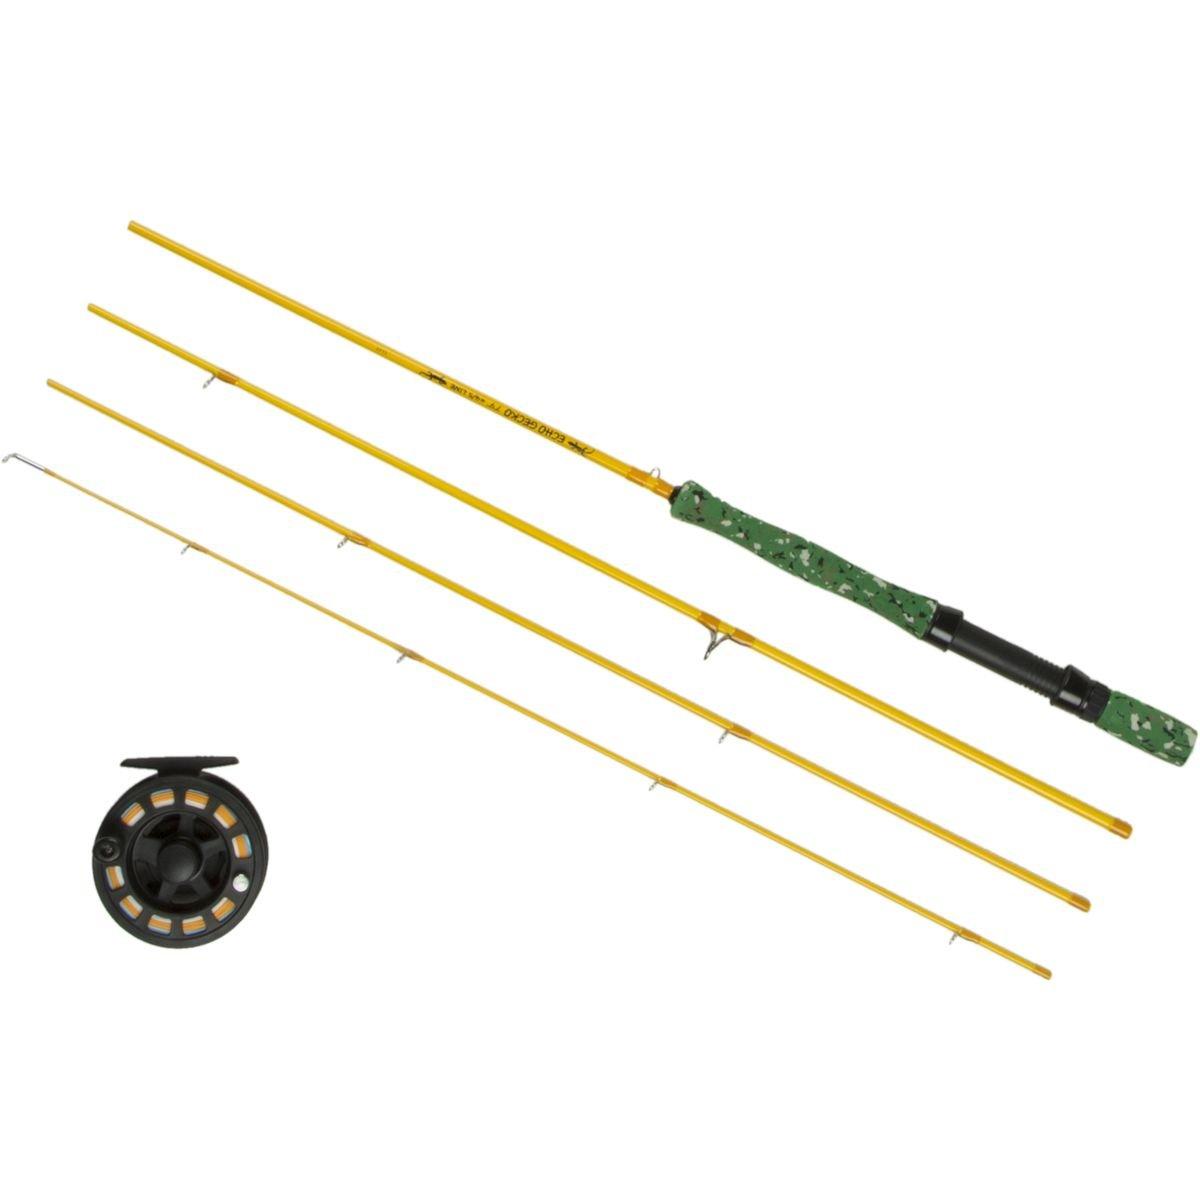 エコーFly FishingフライロッドGecko Outfitキットwithロッドリールとケース 7ft9in 4/5 Weight/Handle A B01CR3H6RM